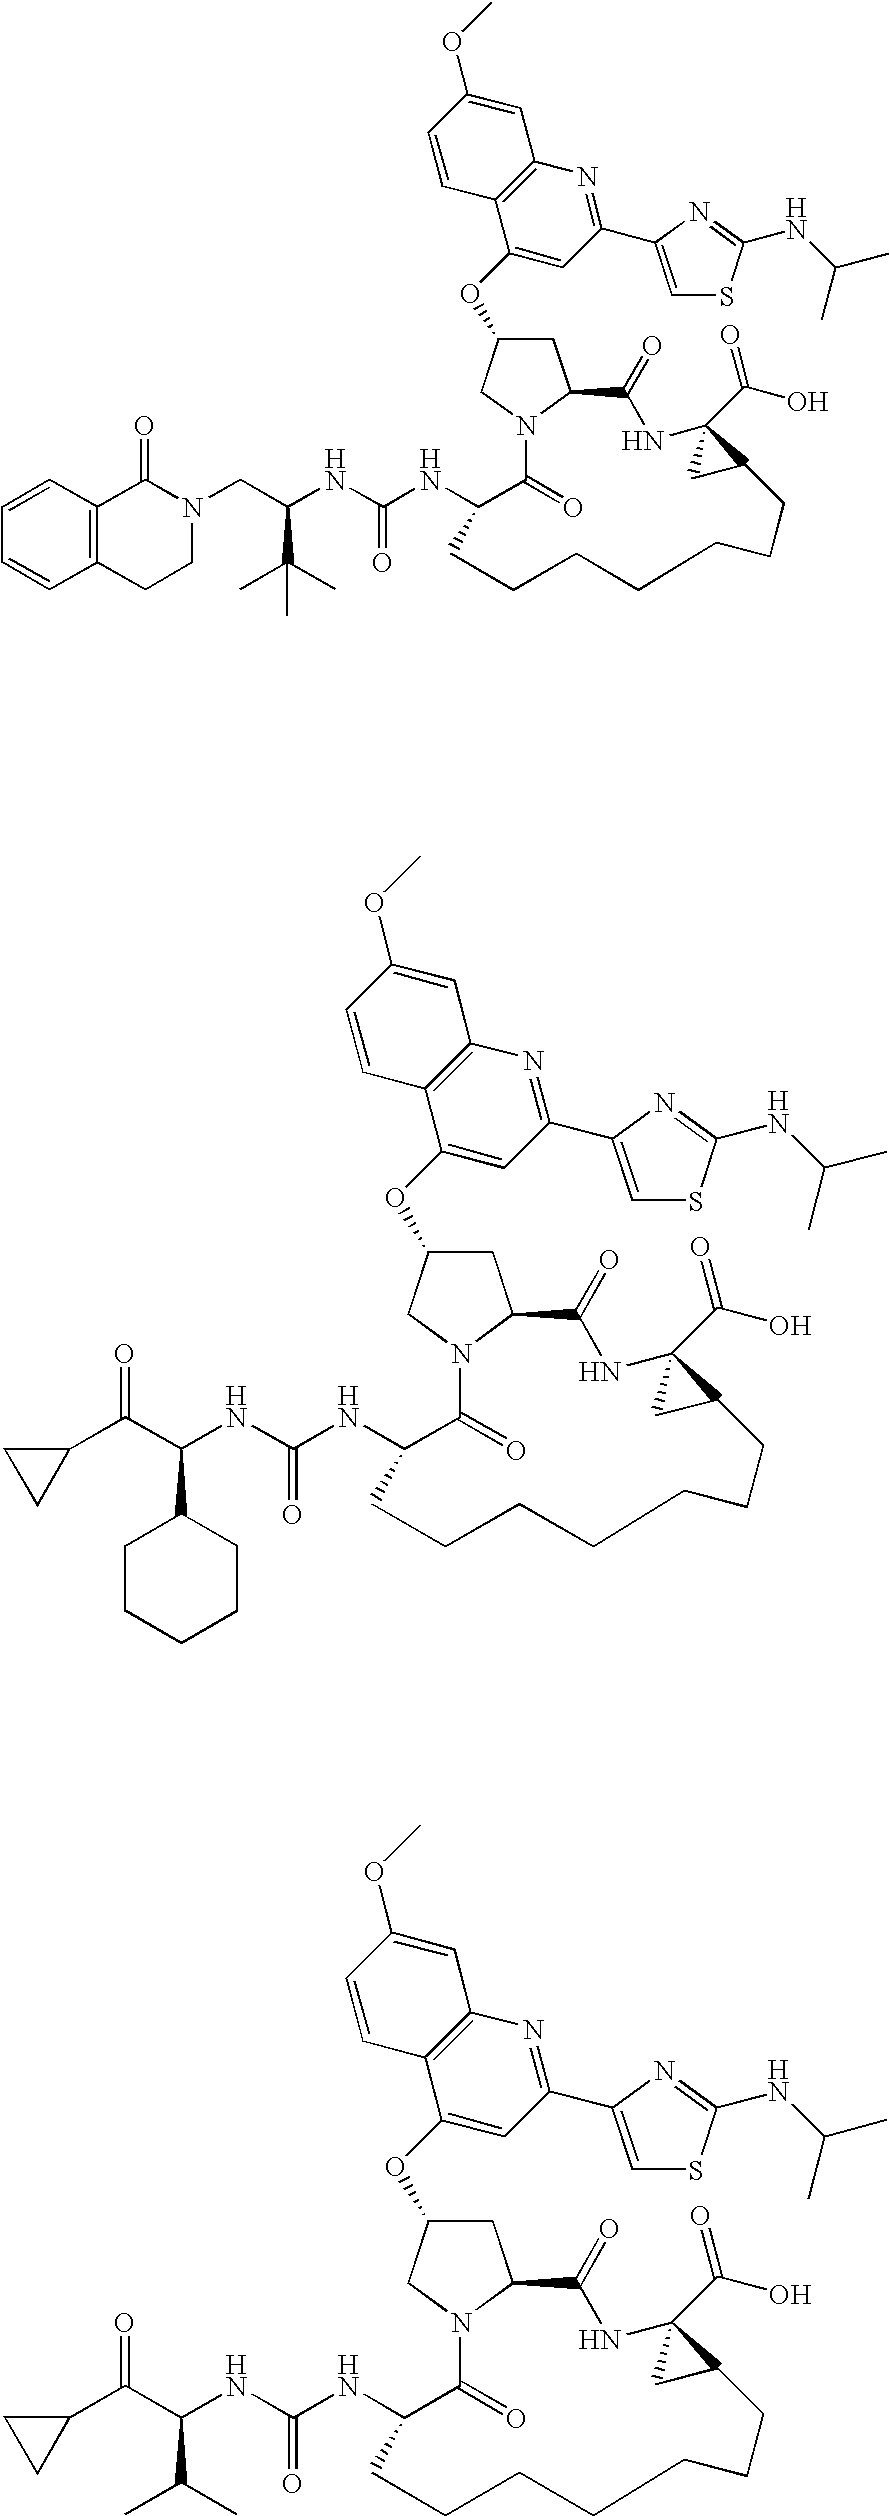 Figure US20060287248A1-20061221-C00205